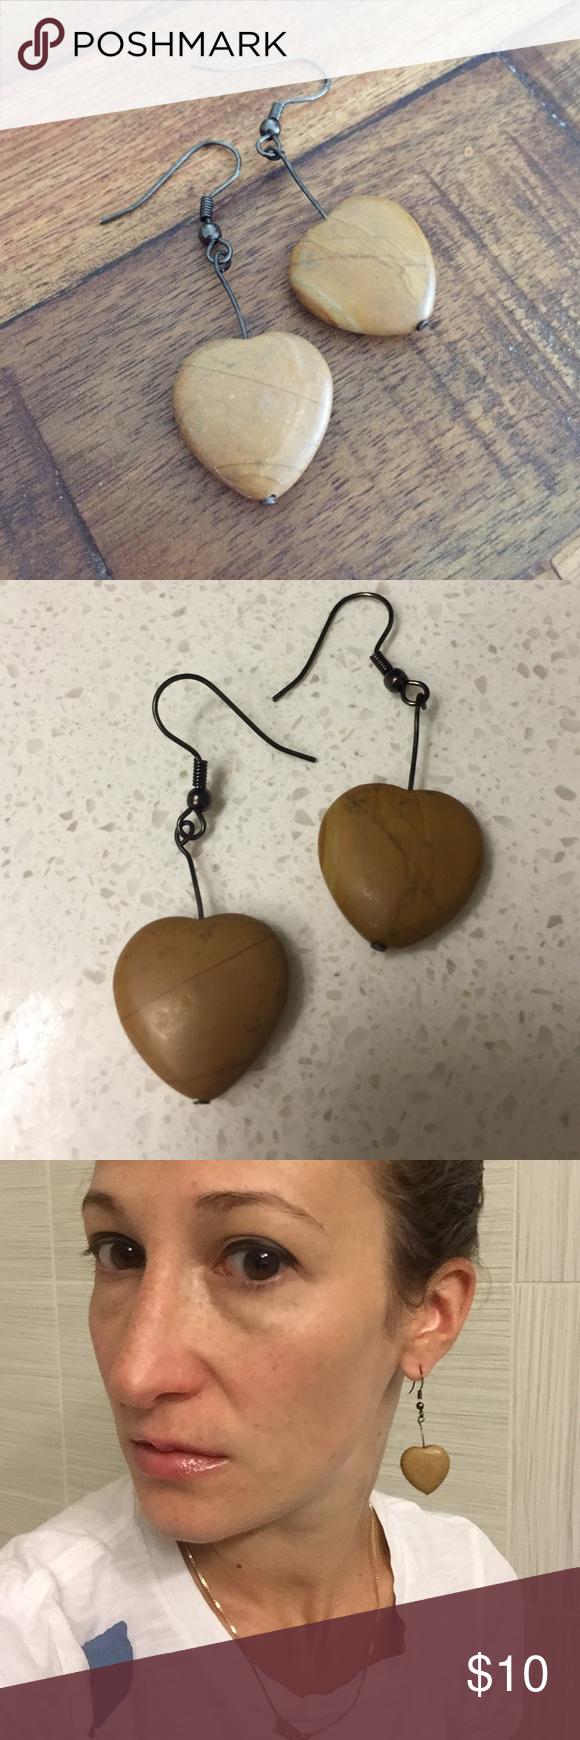 Wooden heart drop earrings Wooden heart drop earrings. Warm honey color Jewelry Earrings